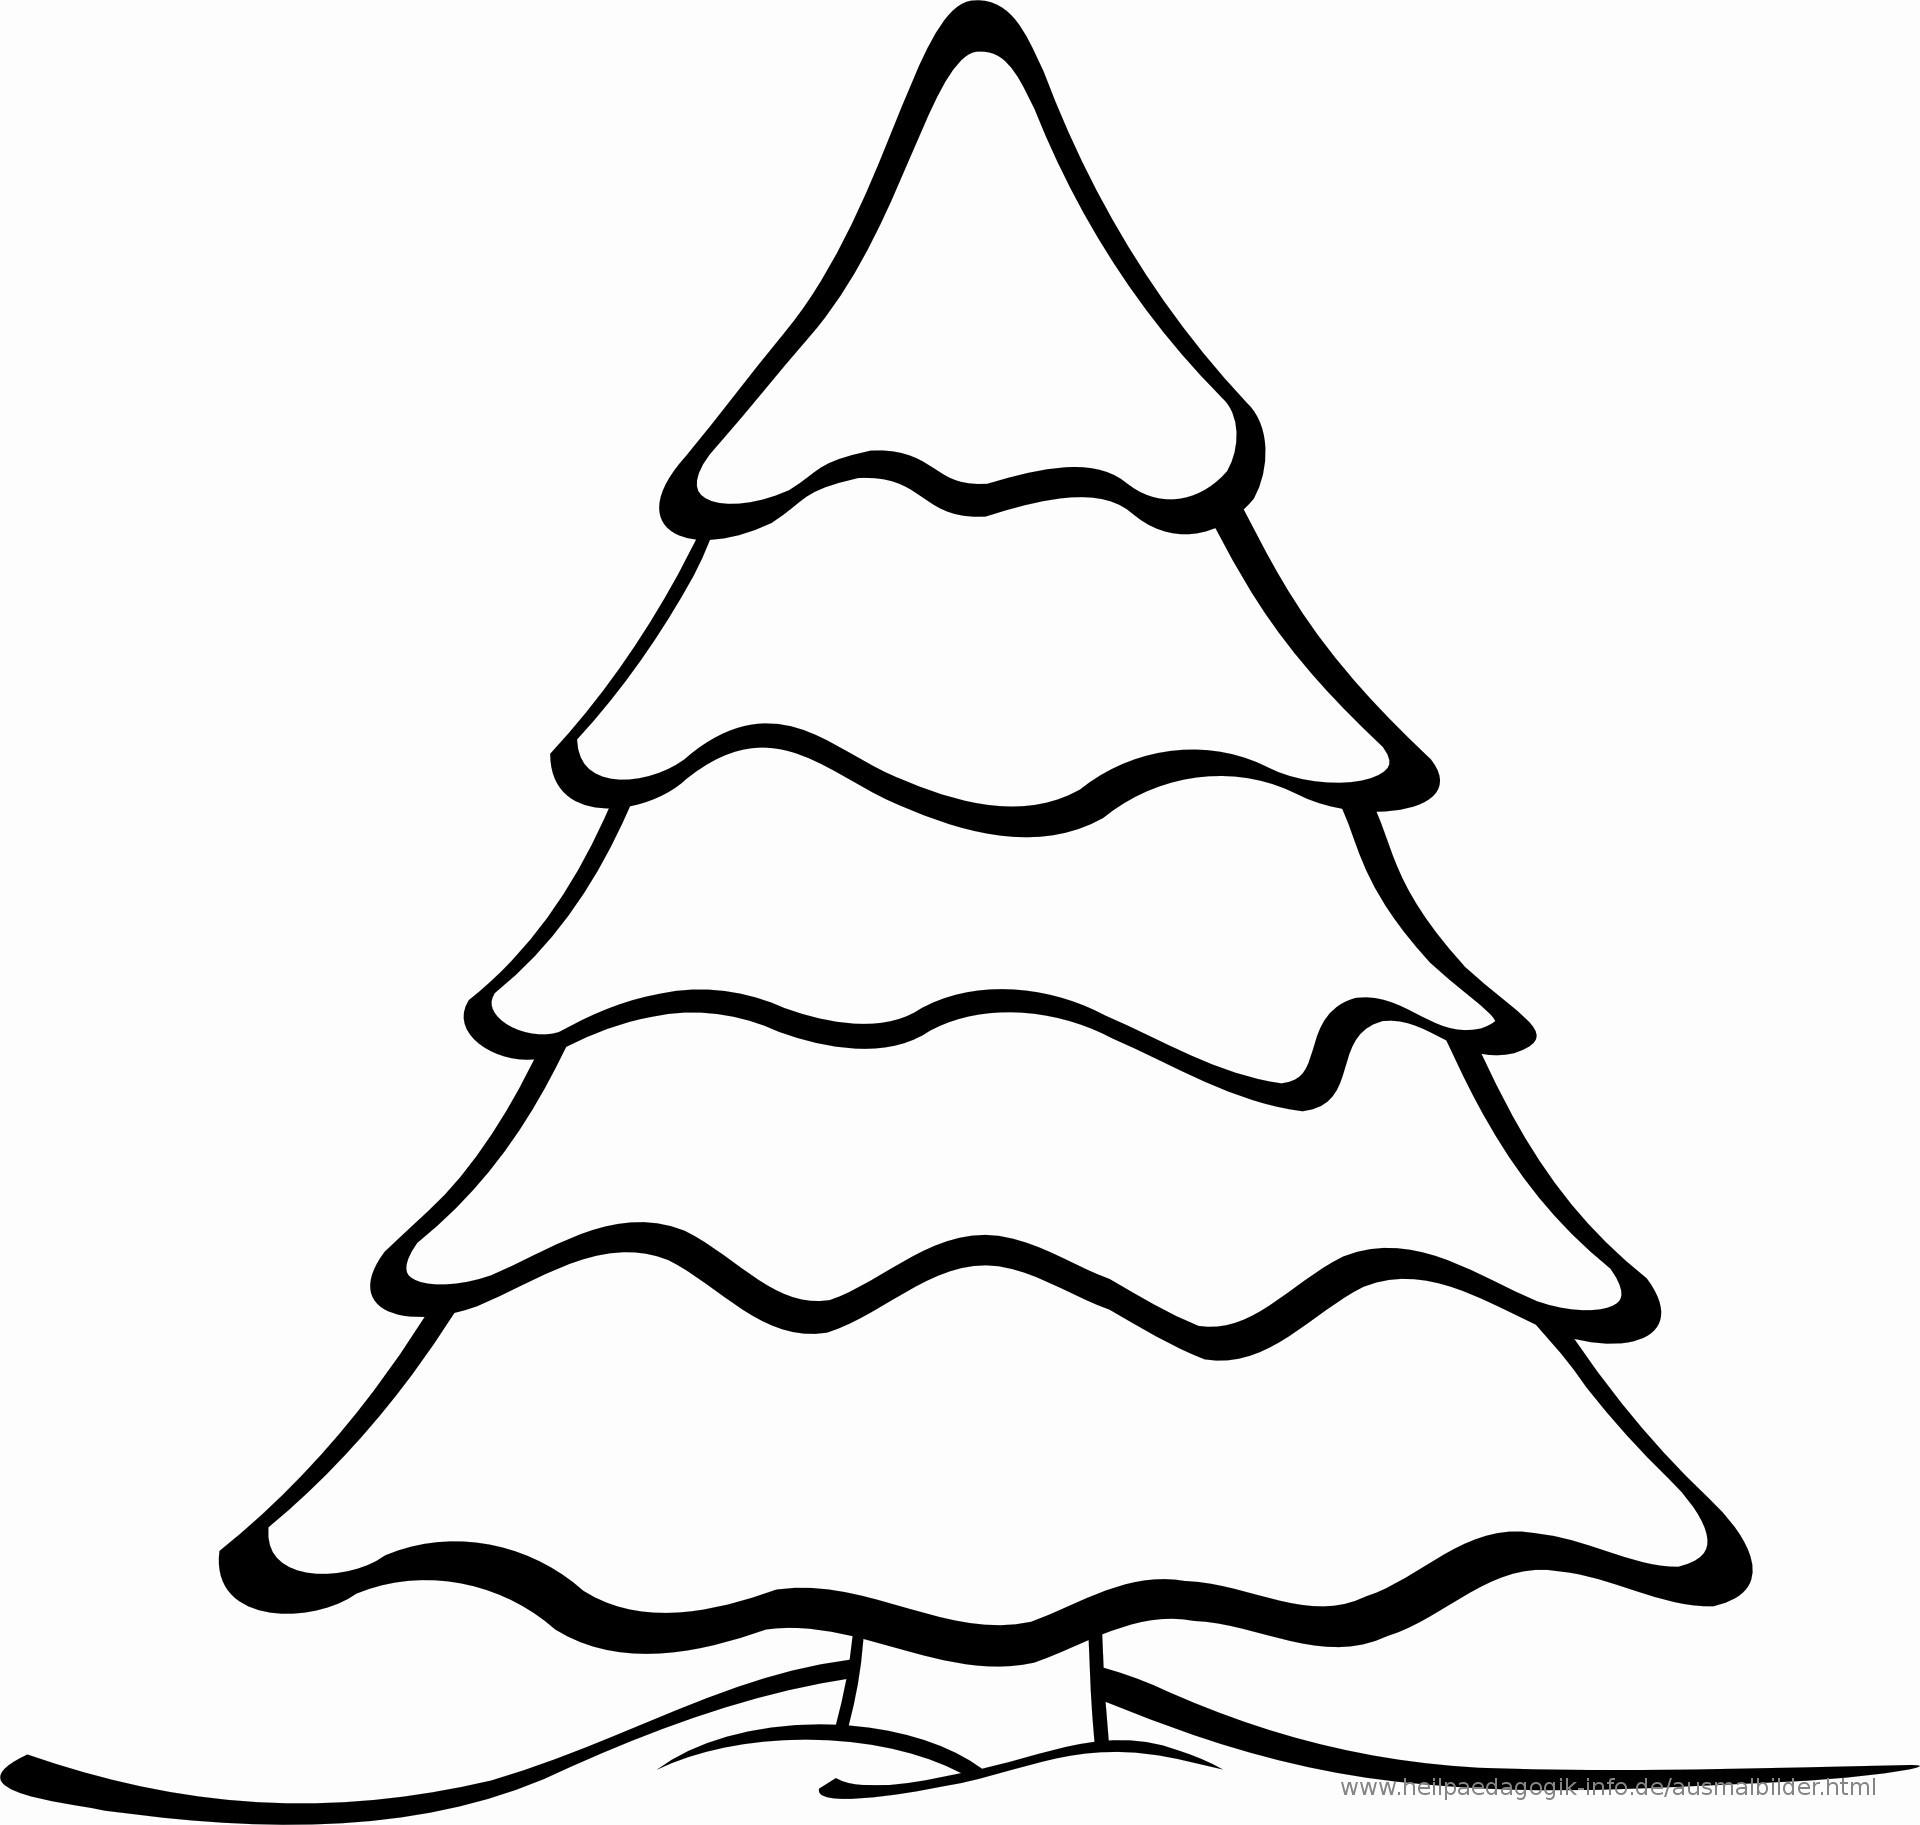 Ausmalbilder Weihnachten Teddy Einzigartig Tannenbaum Ausmalbild Einzigartig Malvorlagen Tannenbaum Das Bild